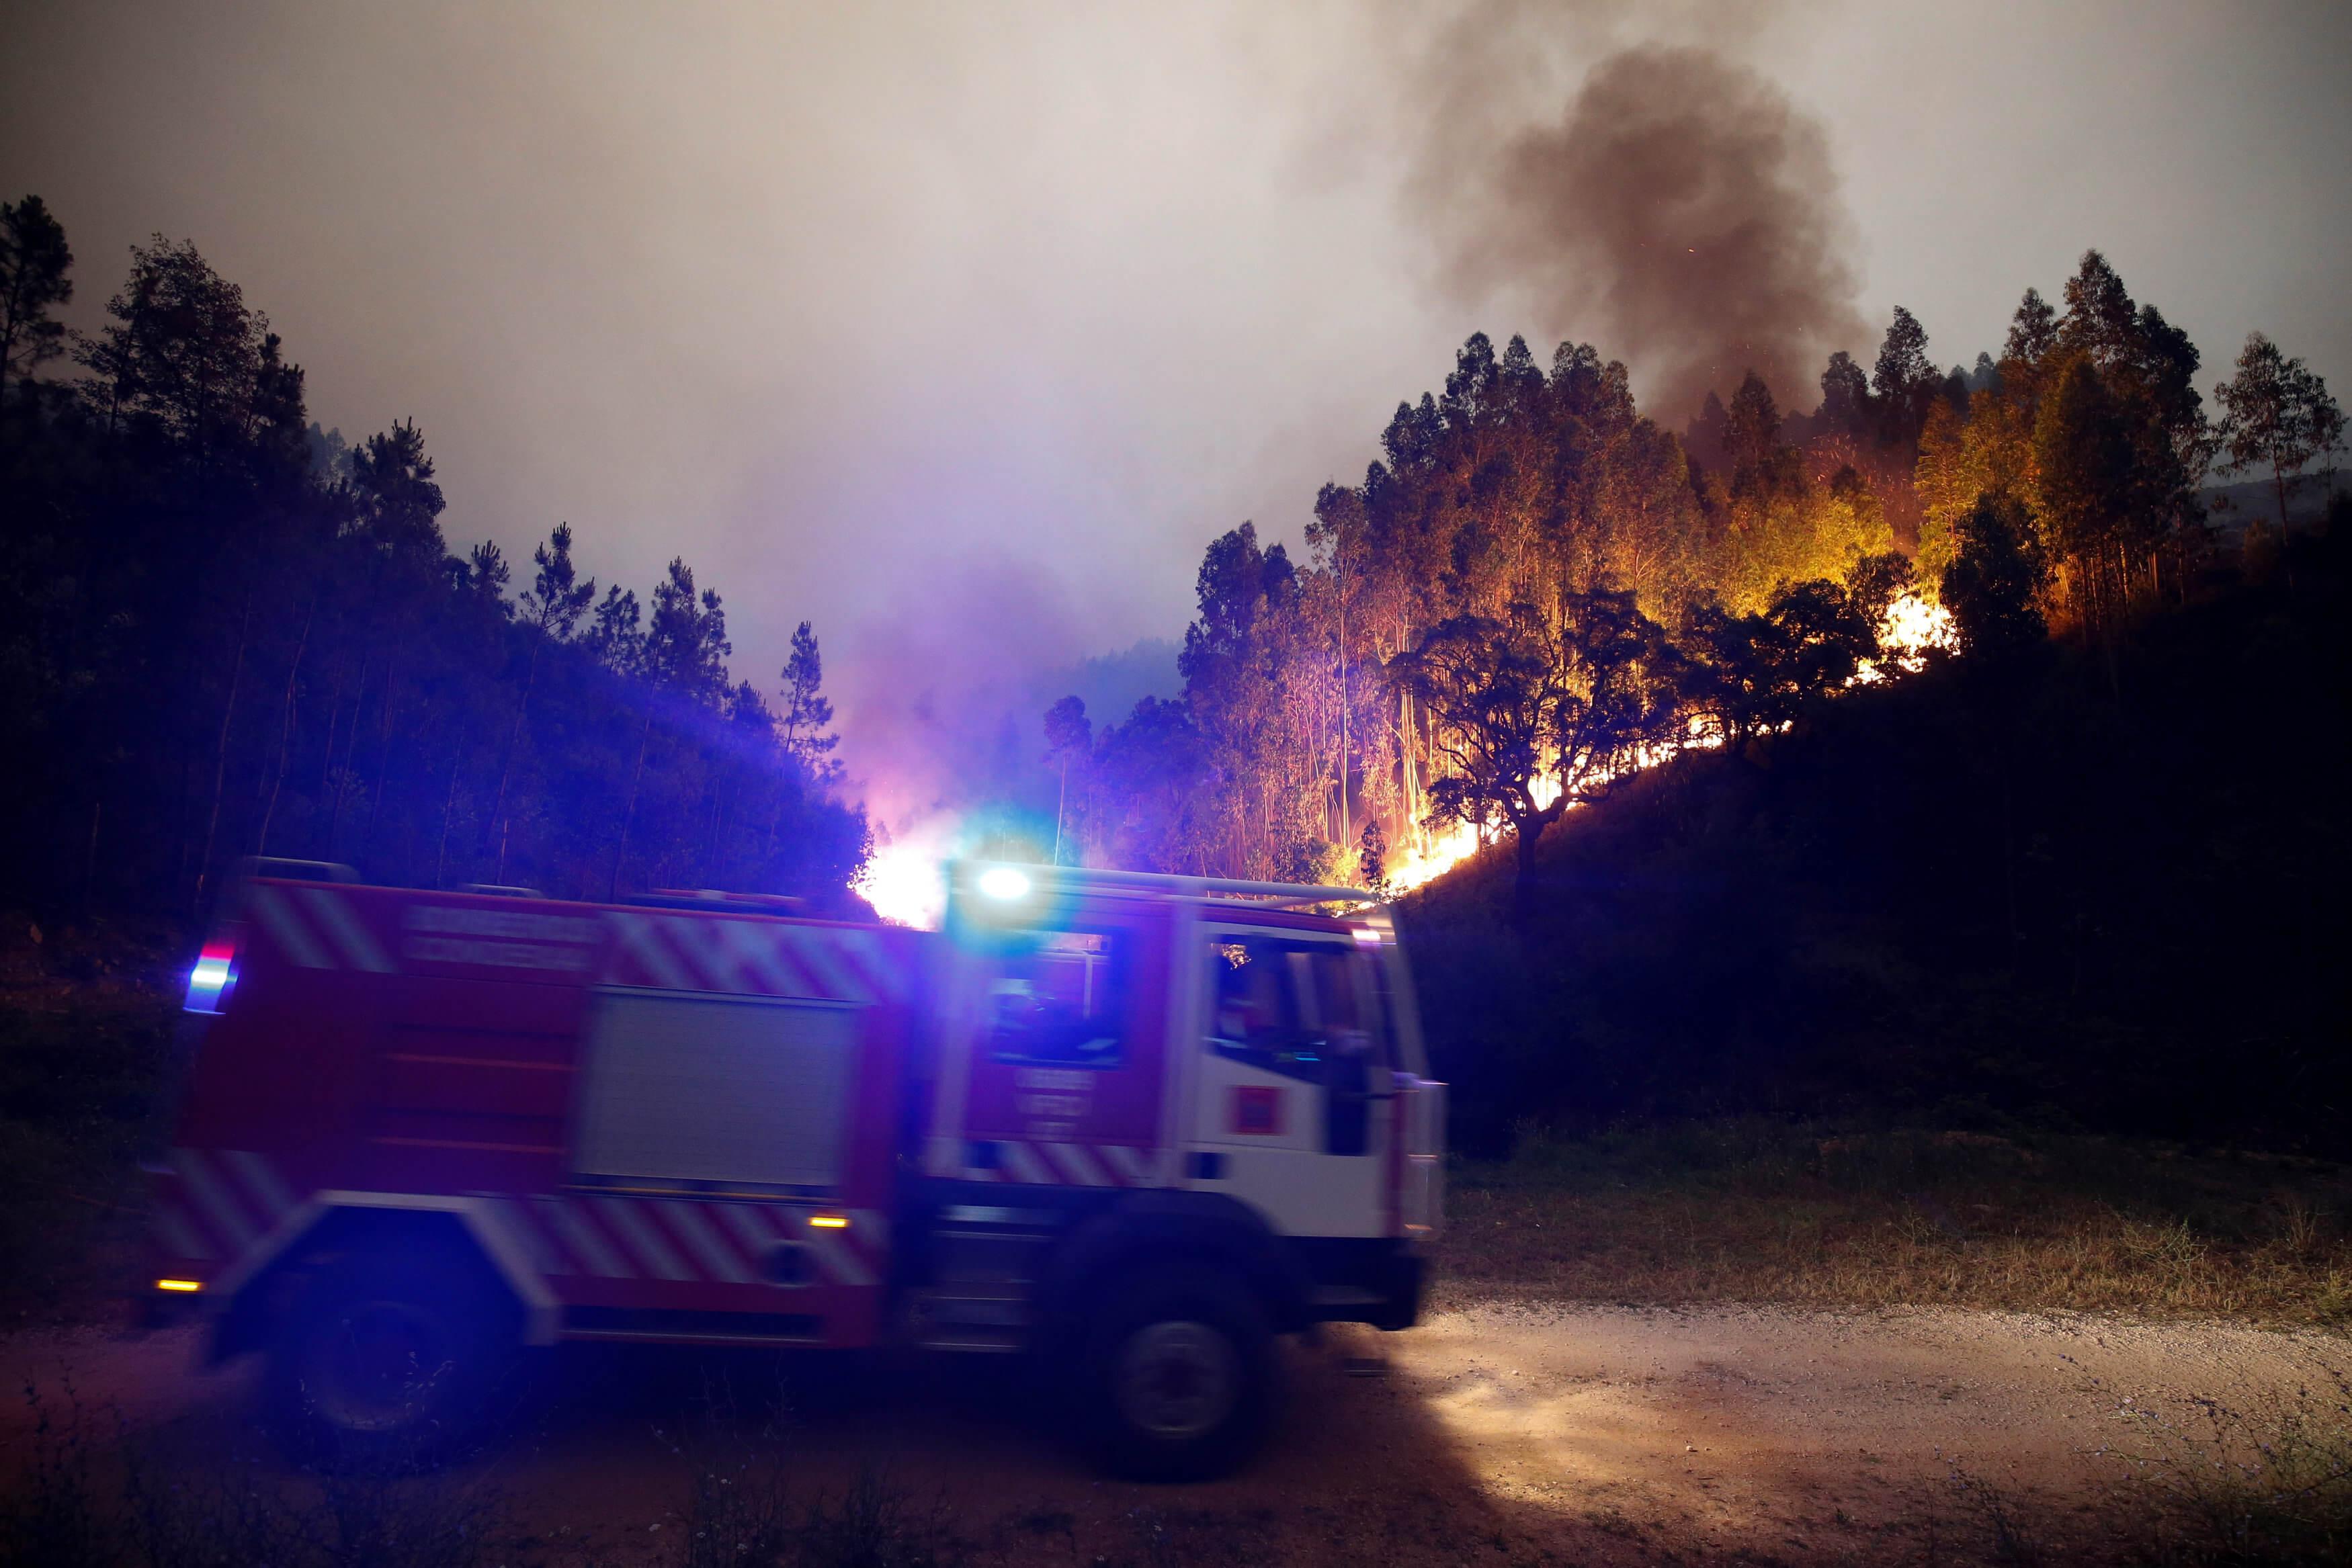 Sube a 58 la cantidad de muertos tras incendio en Portugal